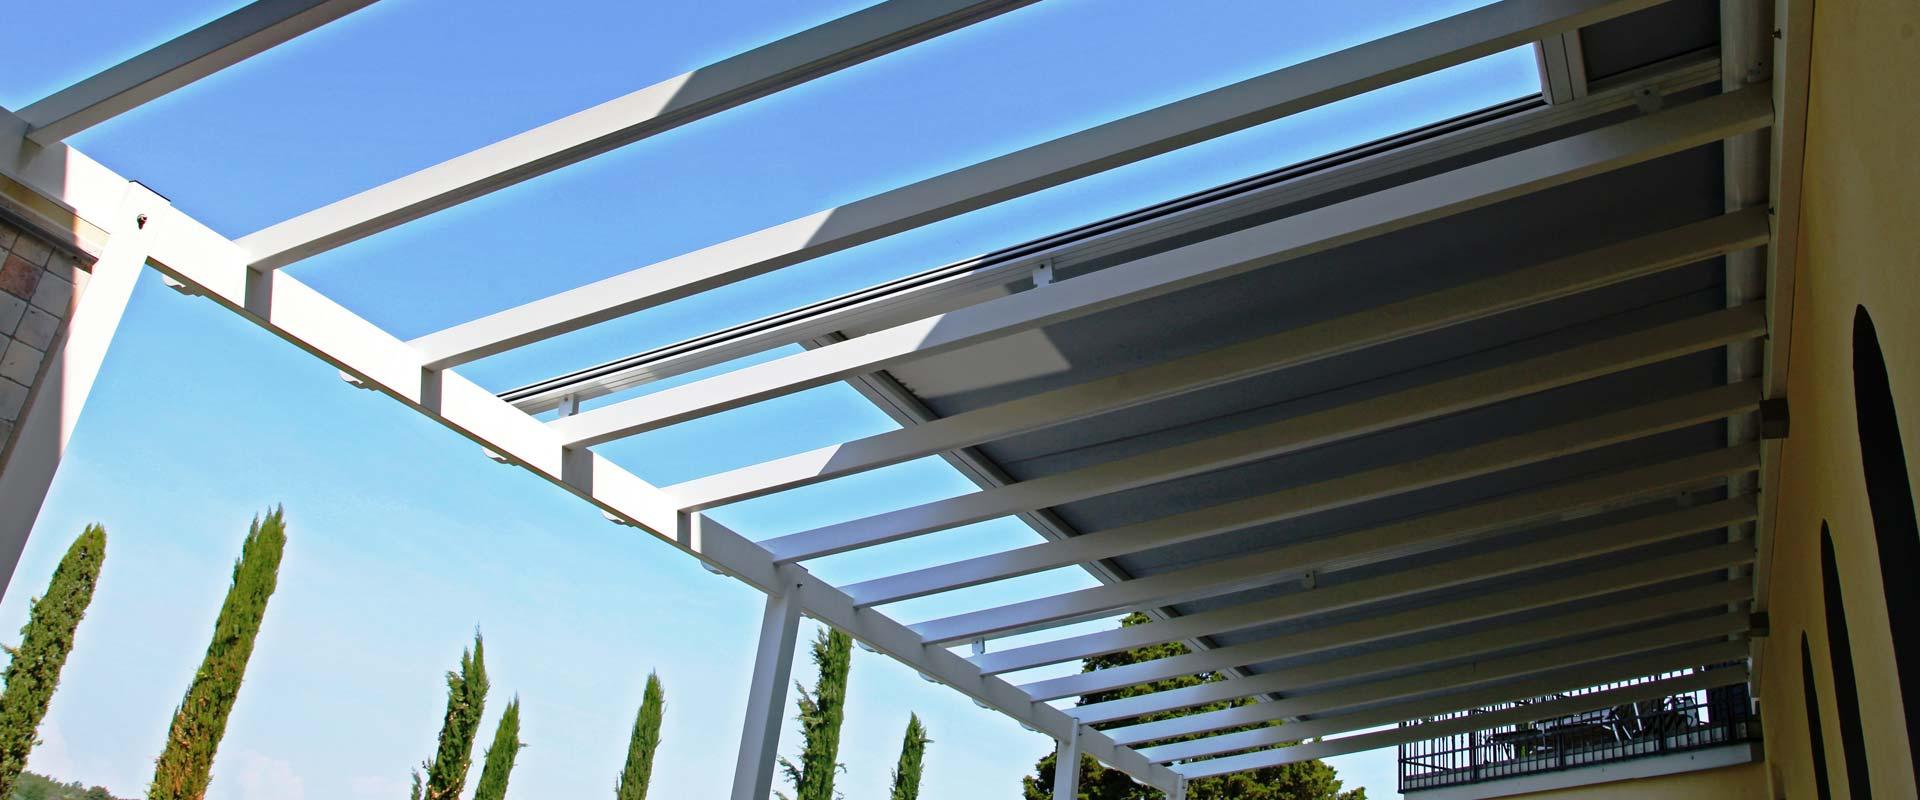 Dimensionamento Pergolato In Legno pergosystem | pergolati in alluminio